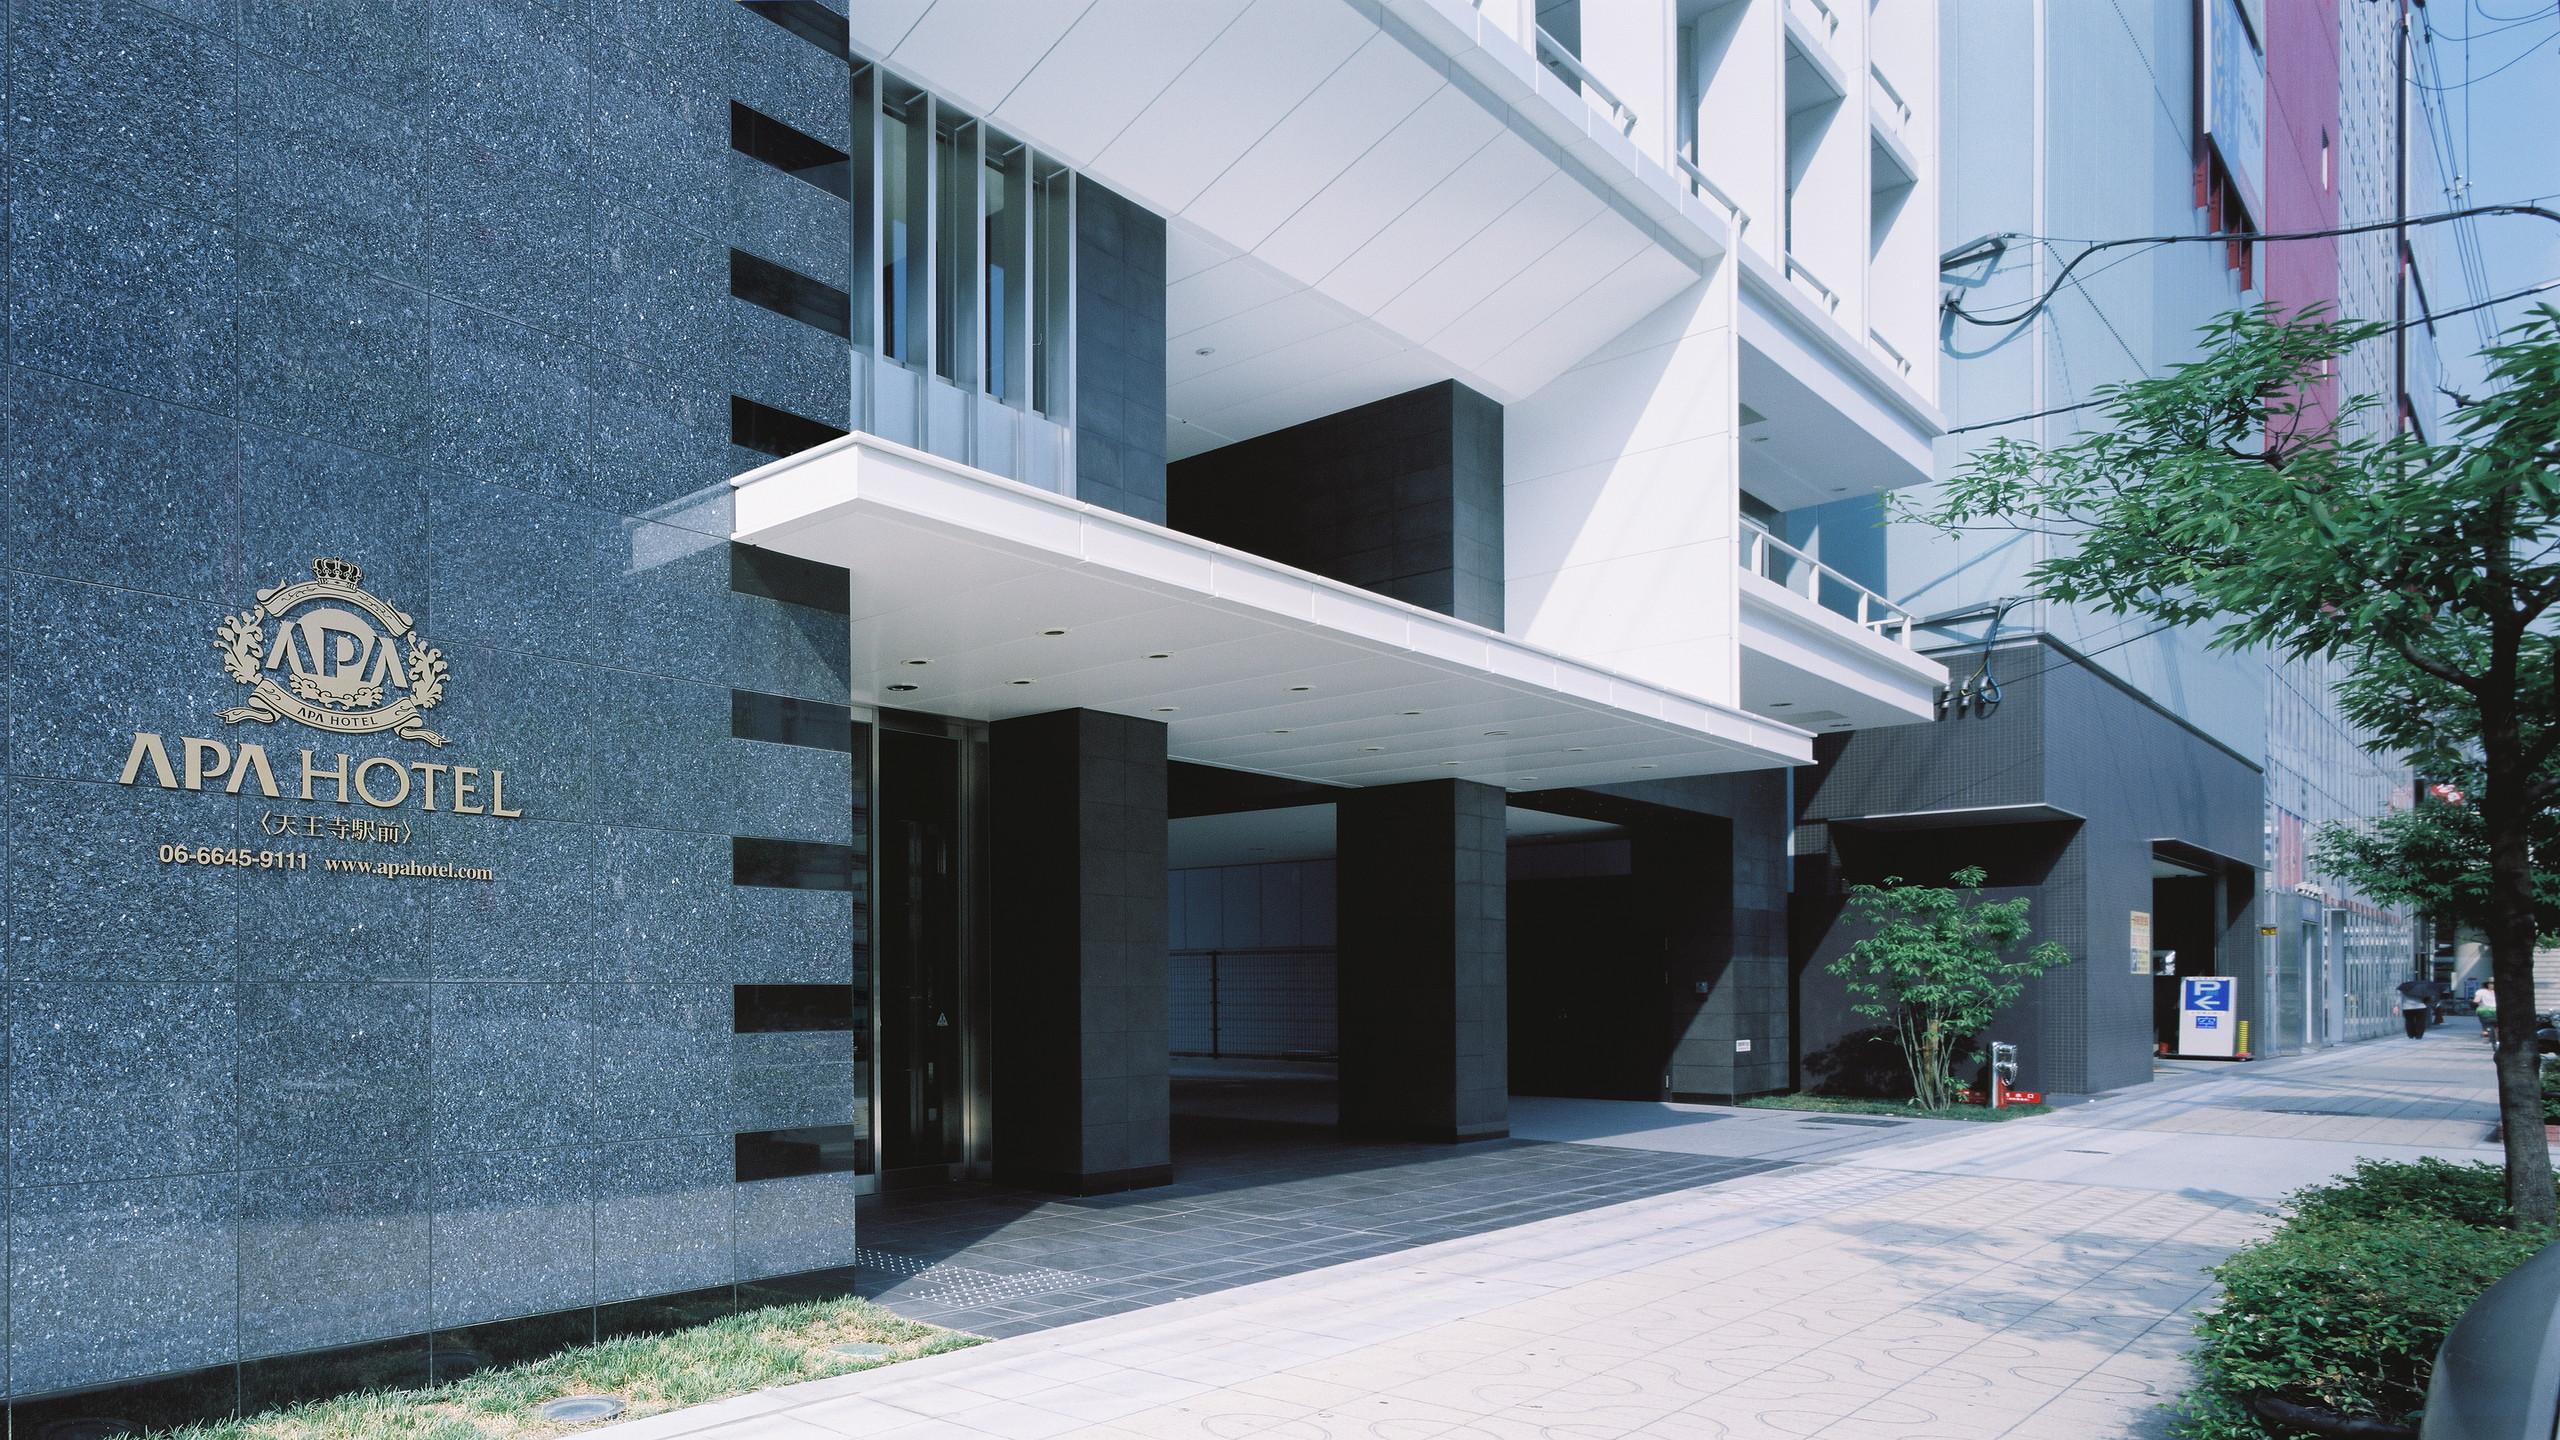 アパホテル〈天王寺駅前〉 image